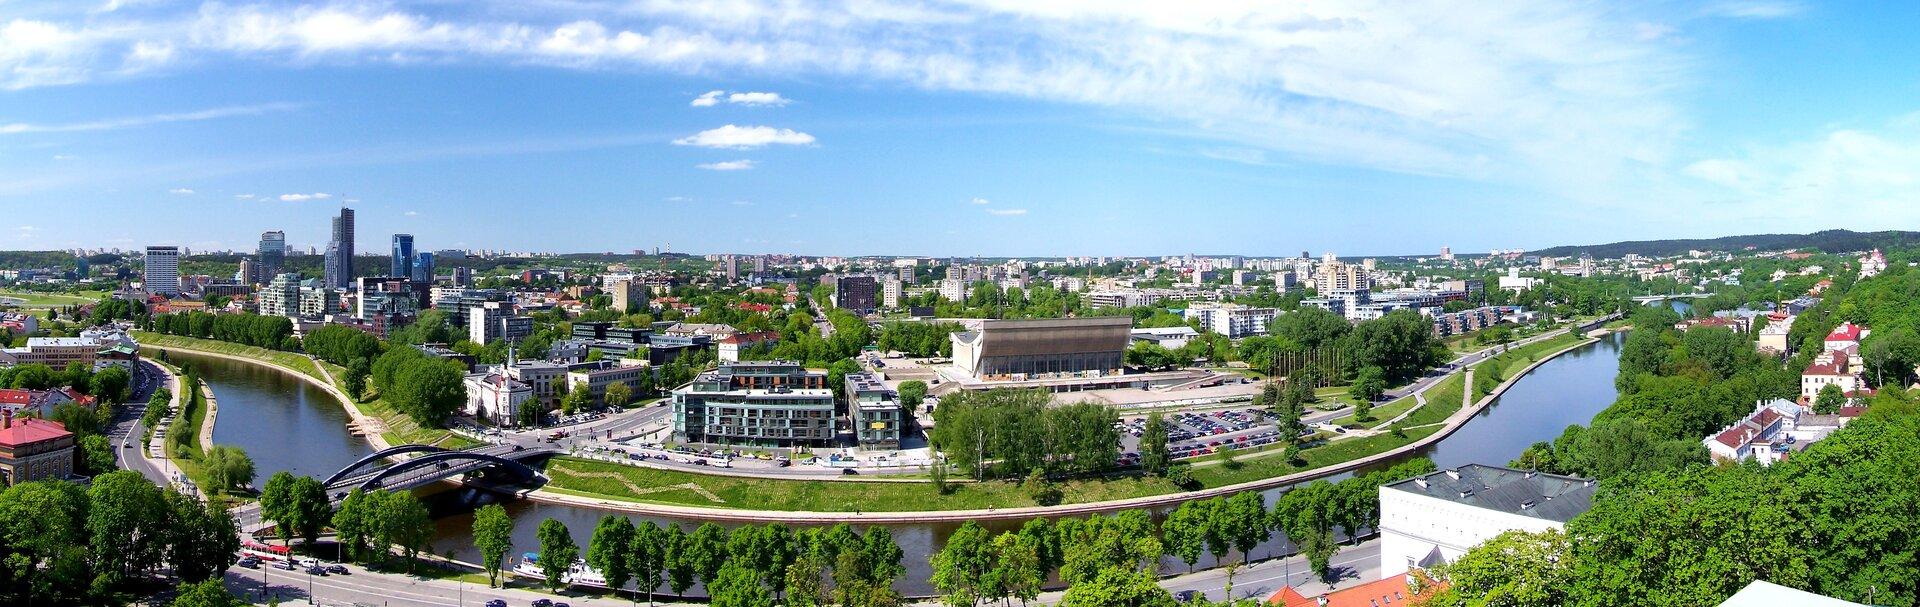 Na pierwszym planie rzeka, aza nią szeroka panorama nowoczesnego, dużego miasta. Zprawej stronie grupa wieżowców górująca nad reszta miasta.